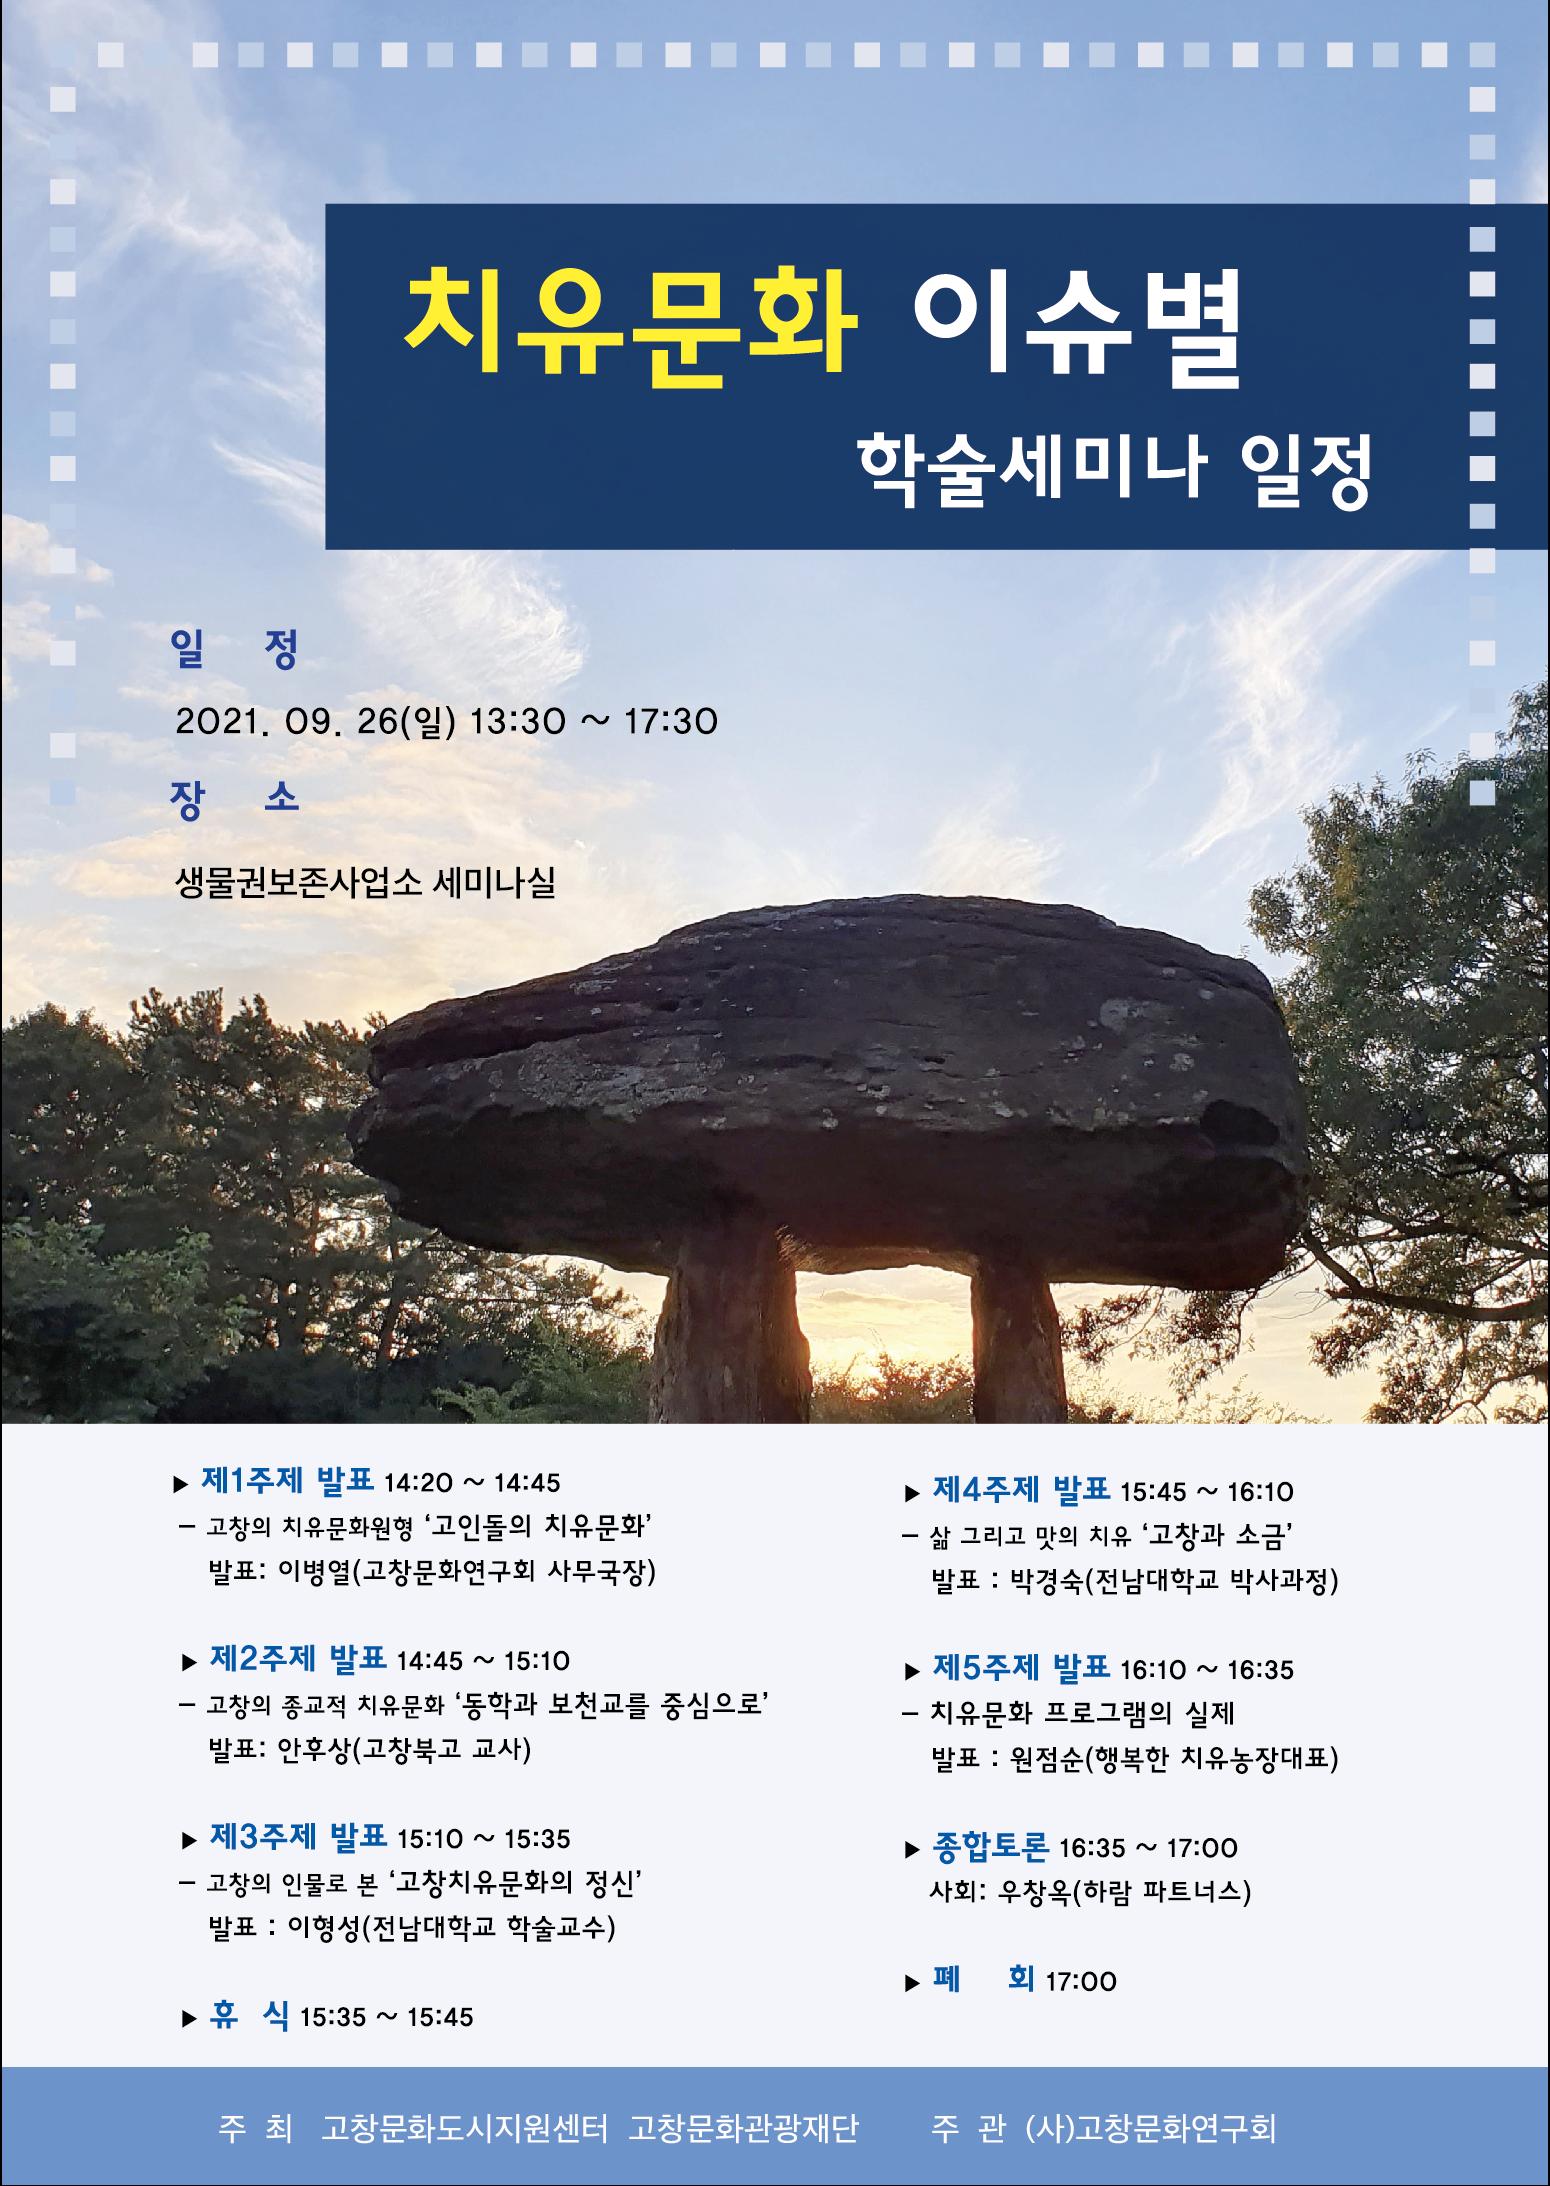 문화행사 포스터